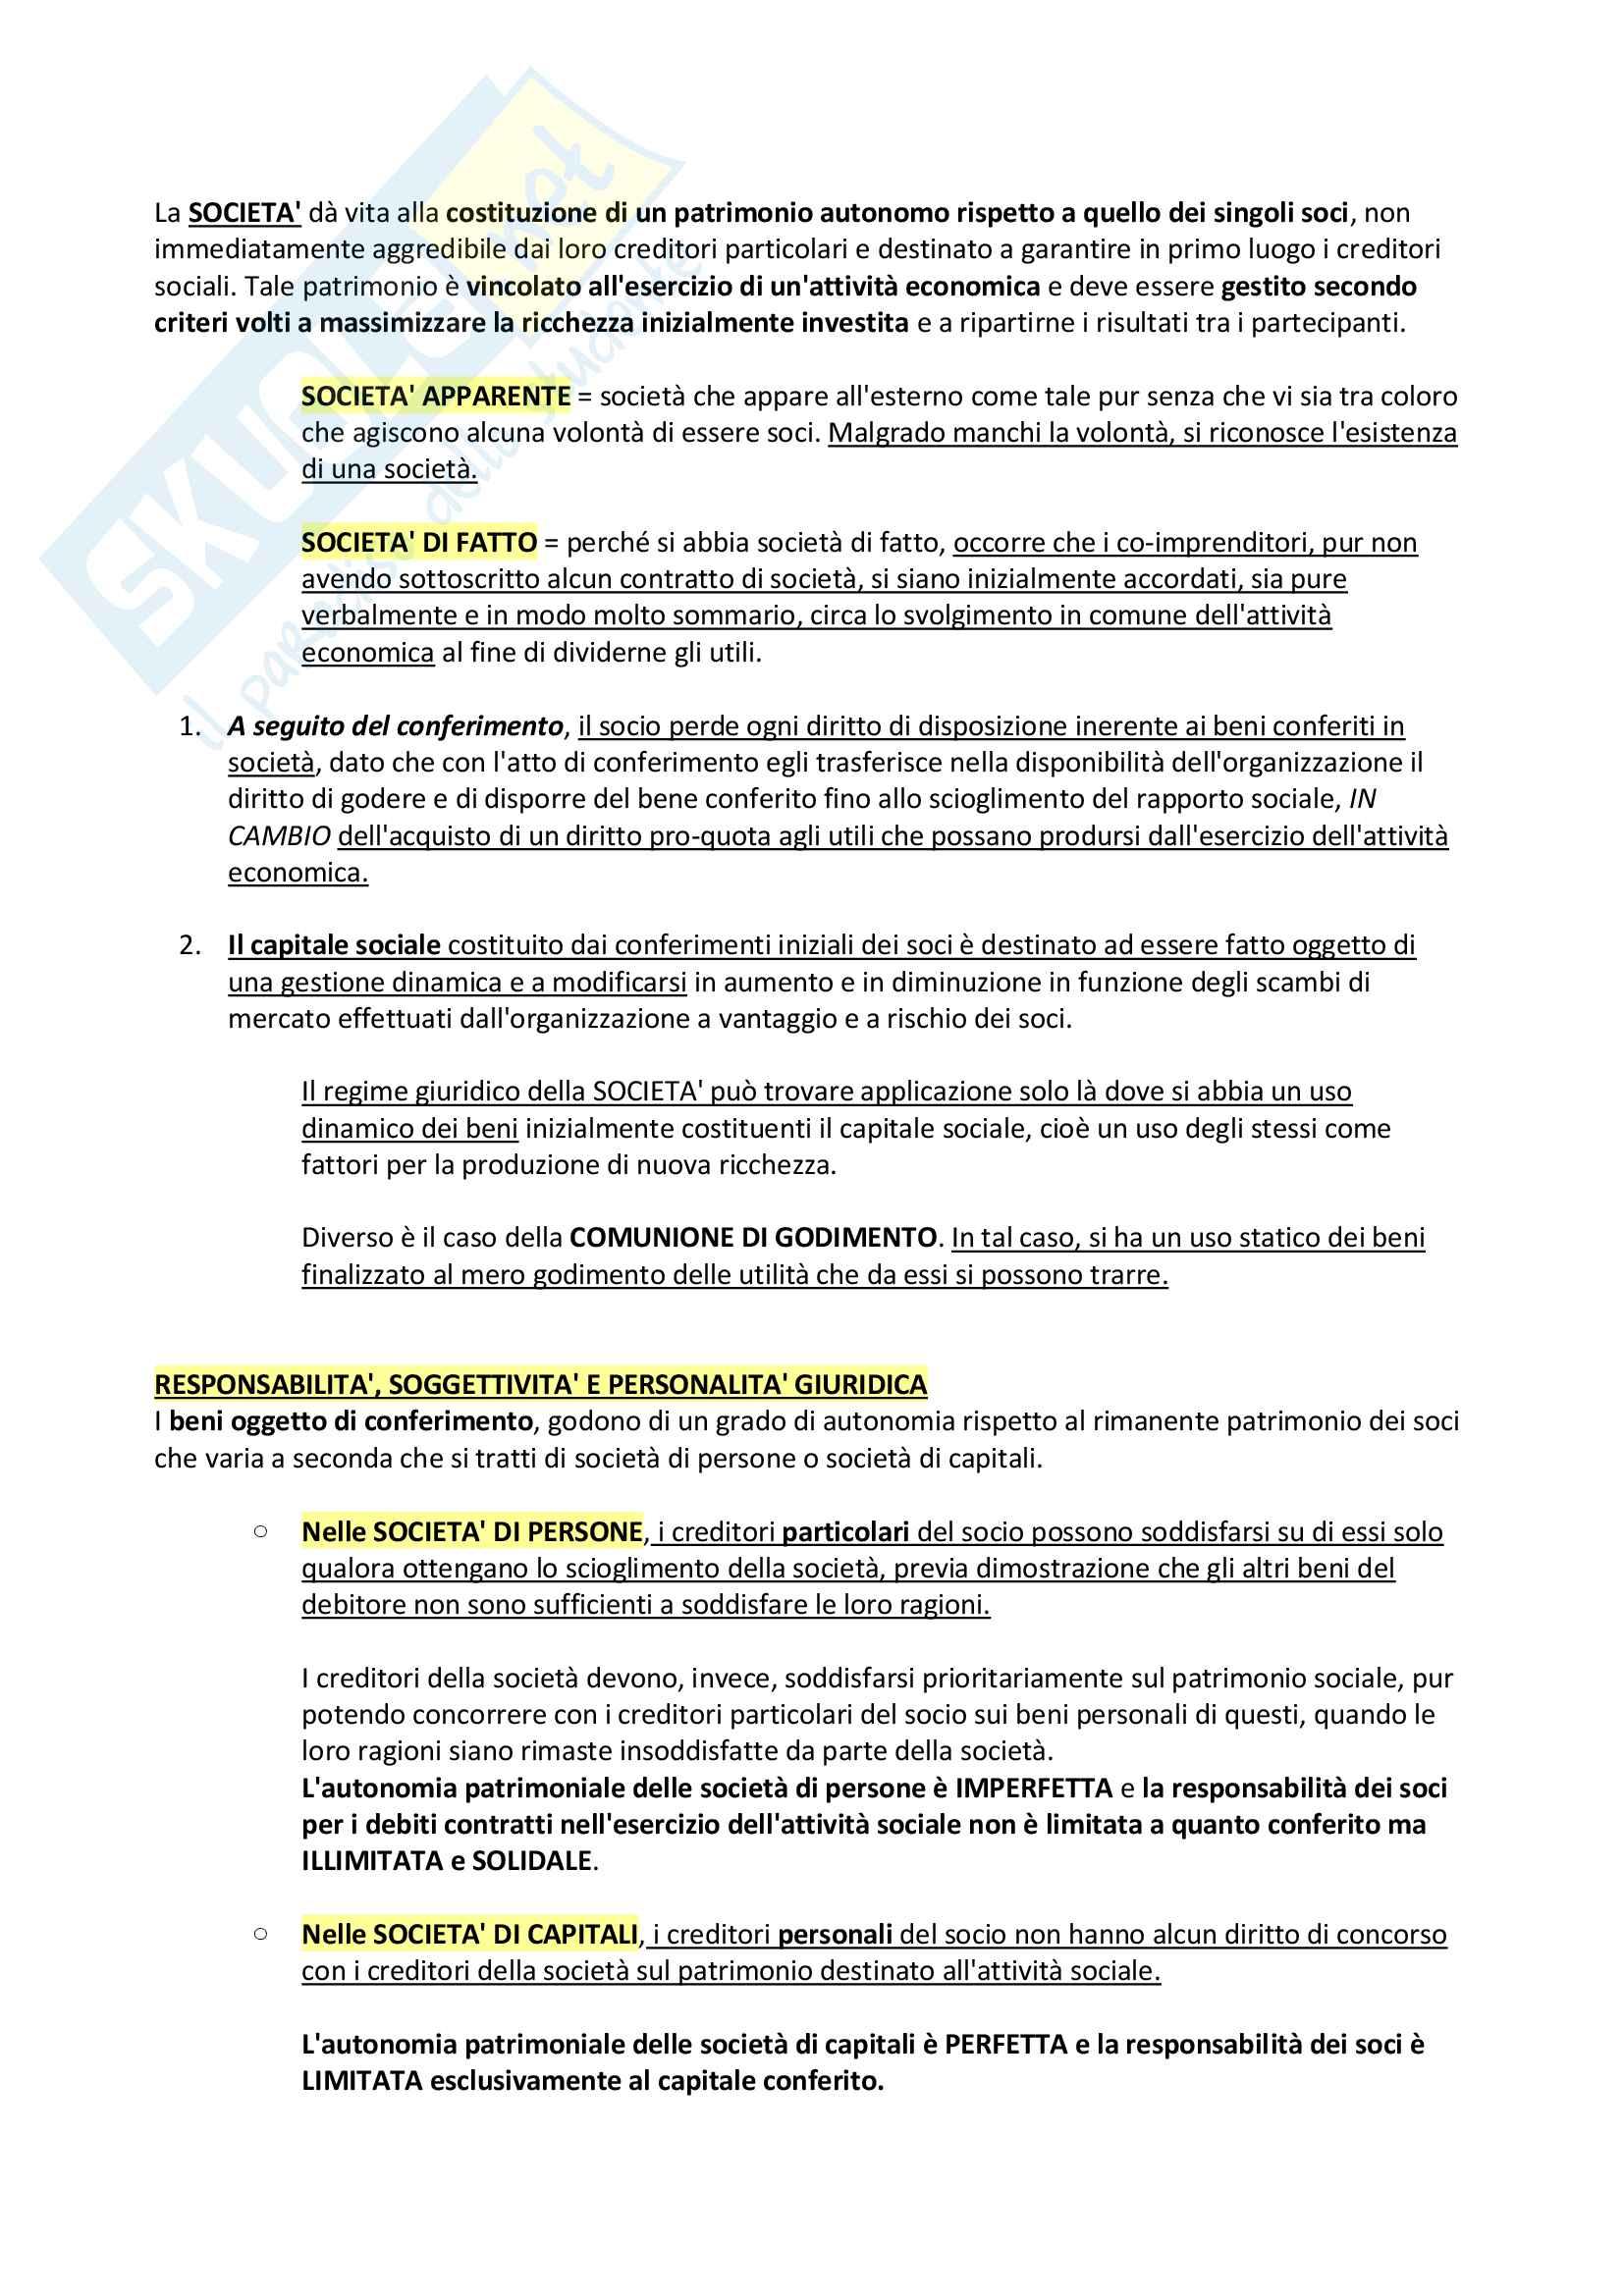 Riassunto + appunti di diritto delle società Pag. 2